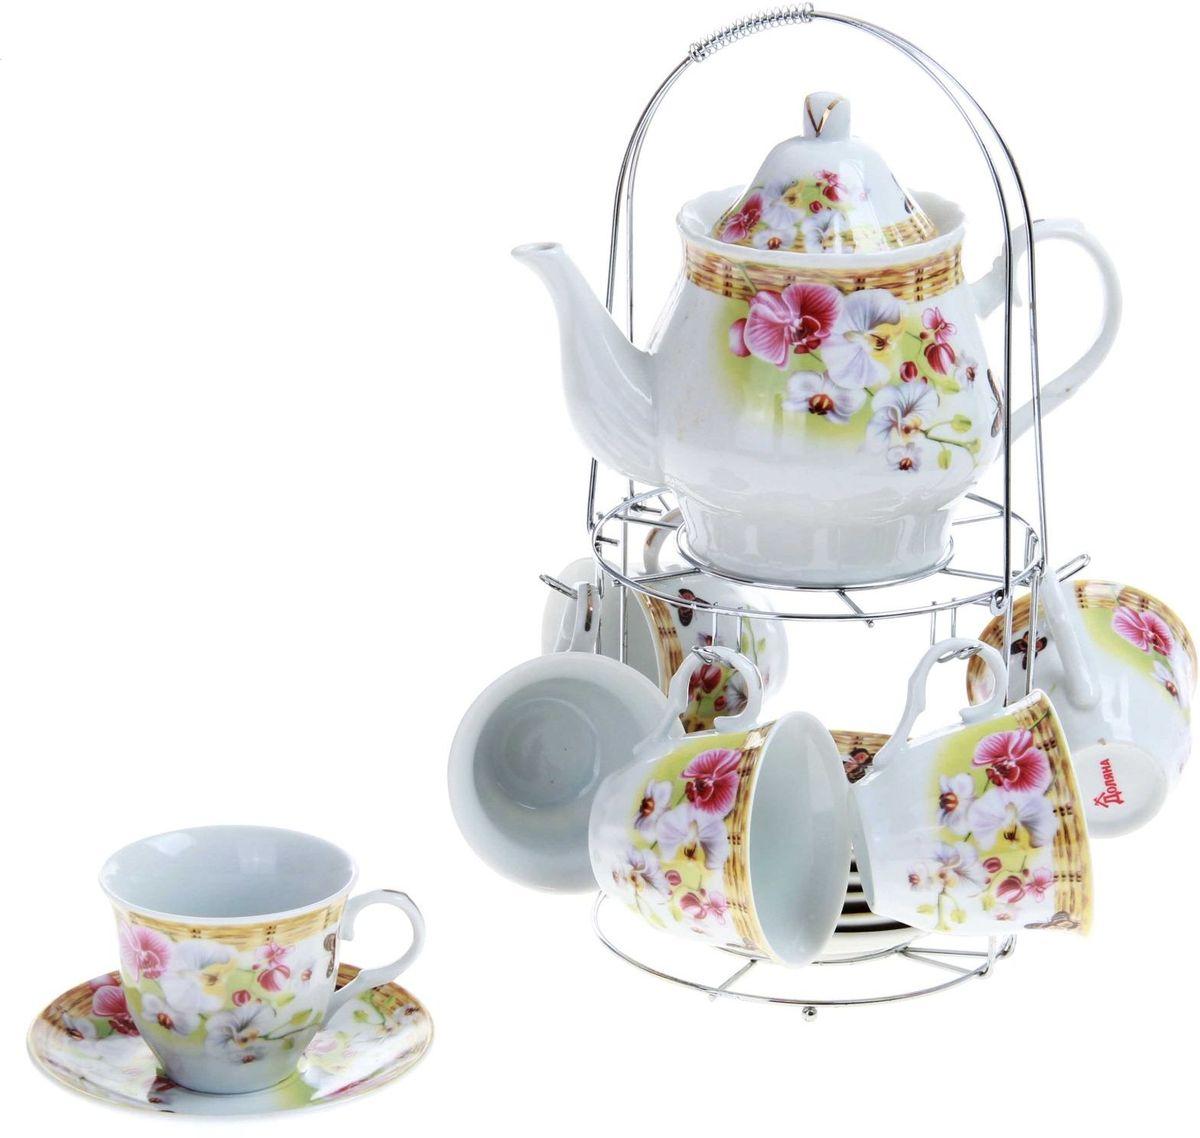 Набор чайный Доляна Садовый дворик, 13 предметов21395599Какую посуду выбрать для чаепития? Конечно, традиционный напиток по необходимости можно пить и из помятой алюминиевой кружки. Но все-таки большинство хозяек стараются приобрести изящные и оригинальные модели для эстетического наслаждения неповторимым вкусом и тонким ароматом хорошего чая.Кухонная керамика сочетает в себе бытовую практичность и декоративную утонченность. Набор чайный на 6 персон Садовый дворик, 13 предметов: 6 чайных пар 250 мл, чайник 1 л отличается высокой прочностью и обаятельным дизайном. Нарядный комплект обязательных для чаепития атрибутов изготовлен на родине древнего напитка и привнесет в каждую трапезу особую энергетику.